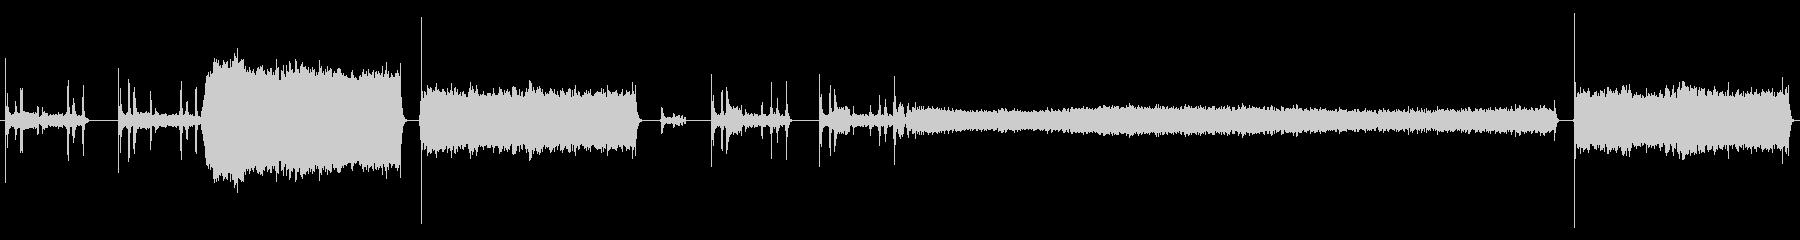 プリンター02-06(スキャン)の未再生の波形